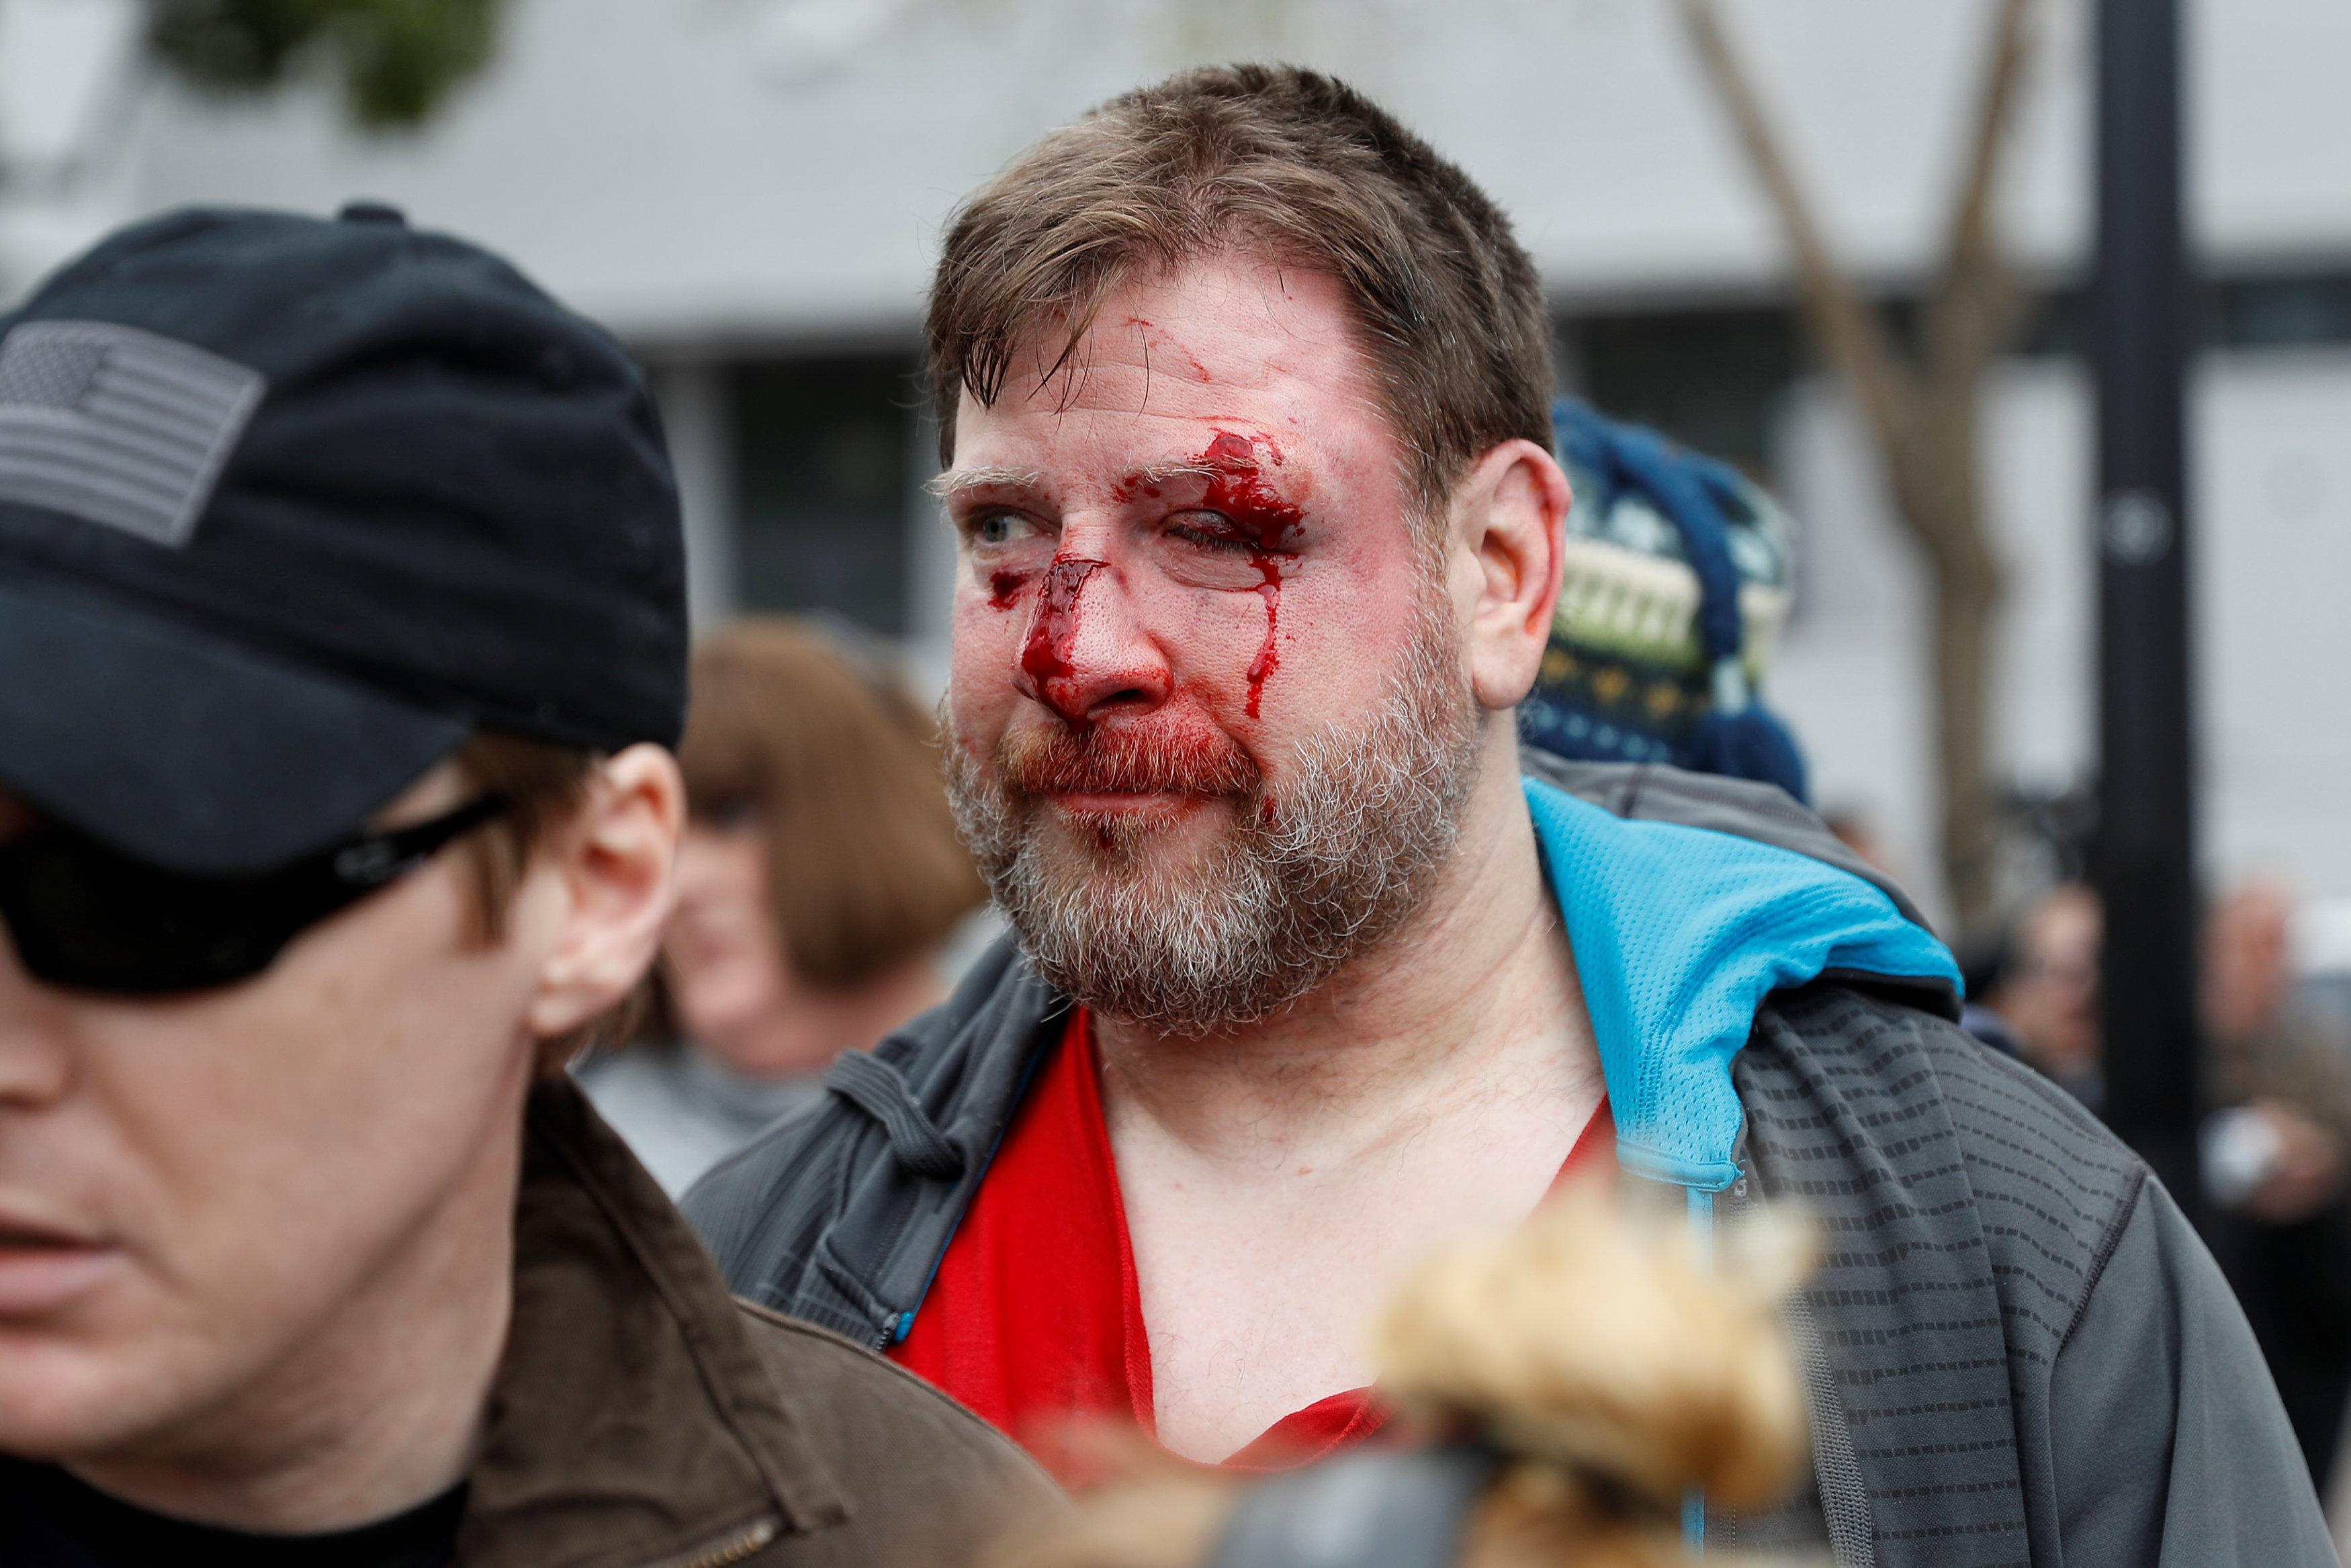 إصابة أحد المتظاهرين عقب الاعتداء عليه من مؤيدى ترامب